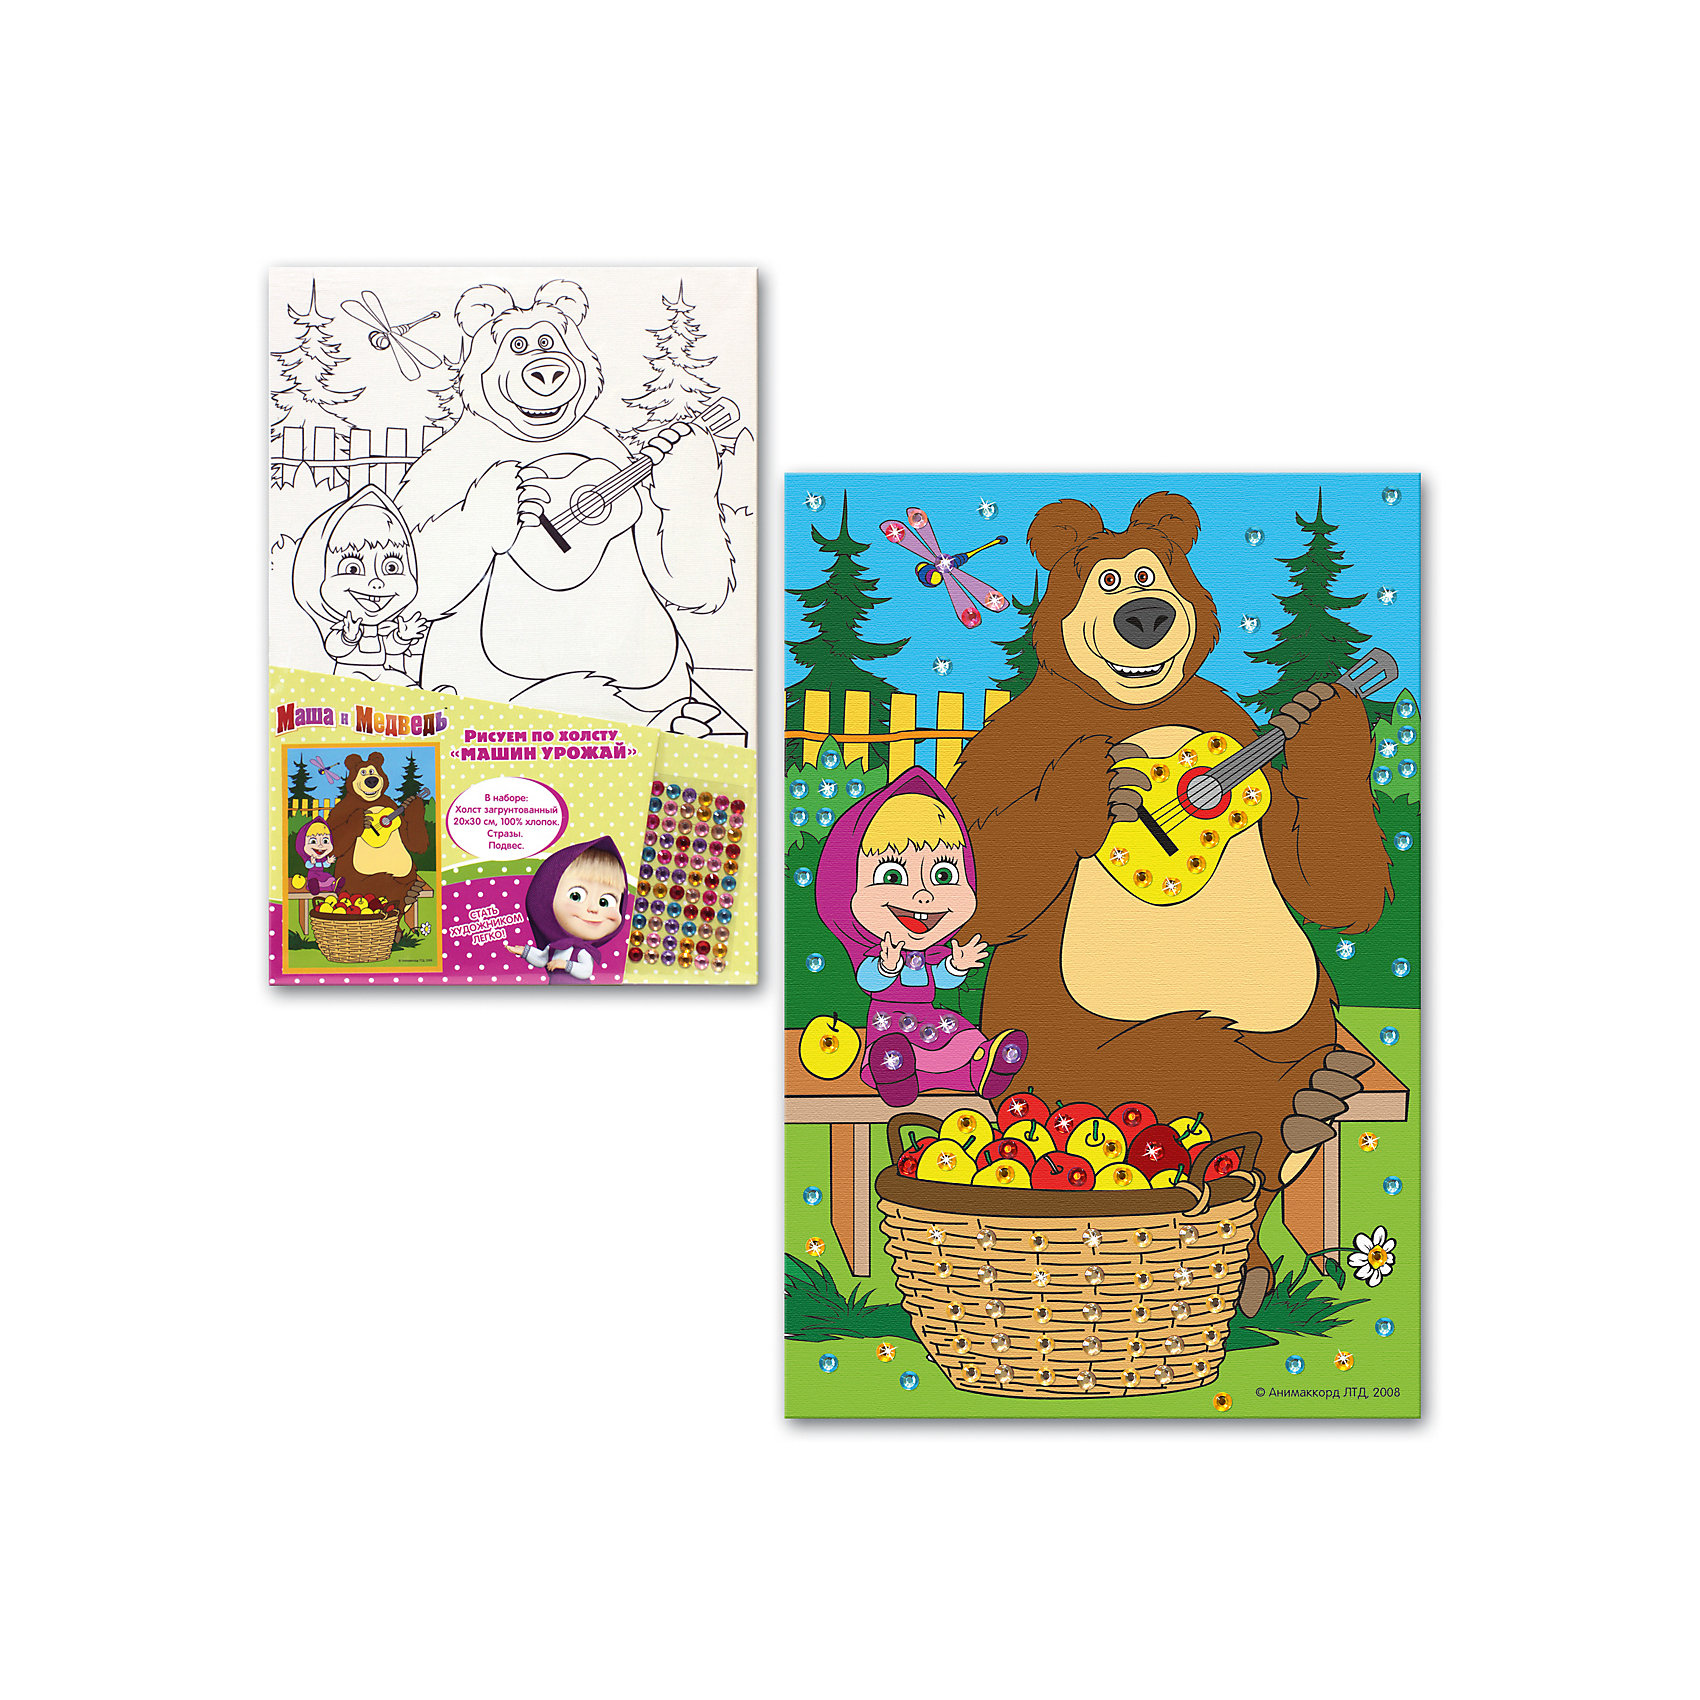 Рисование по холсту Машин урожай, Маша и МедведьНабор для росписи по холсту Машин урожай с героями мультфильма Маша и Медведь поможет юному художнику создать яркую картину. В наборе есть холст из 100 %-го хлопка с контурным рисунком. Раскрашивать его можно любыми красками: гуашью, акрилом, акварелью, пастелью и даже маркерами. Такое занятие развивает мелкую моторику, художественный вкус, воображение, умение рисовать и сочетать цвета. Когда работа будет окончена и краска высохнет, украсьте холст самоклеящимися блестящими стразами и с помощью скотча прикрепите сзади пластиковую петлю для подвеса. Но это еще не всё! На обороте есть рамочка, на которой юный мастер может поставить авторскую подпись или написать поздравление. Теперь самое время повесить картинку на стену или подарить.&#13;<br>В наборе: плотный отбеленный и загрунтованный холст из 100 %-го хлопка на картонной основе с контурным рисунком (20х30 см); стразы с клеевым слоем, подвес, скотч. Товар сертифицирован. Срок годности: 3 года.<br><br>Ширина мм: 300<br>Глубина мм: 200<br>Высота мм: 50<br>Вес г: 130<br>Возраст от месяцев: 36<br>Возраст до месяцев: 2147483647<br>Пол: Унисекс<br>Возраст: Детский<br>SKU: 5453437